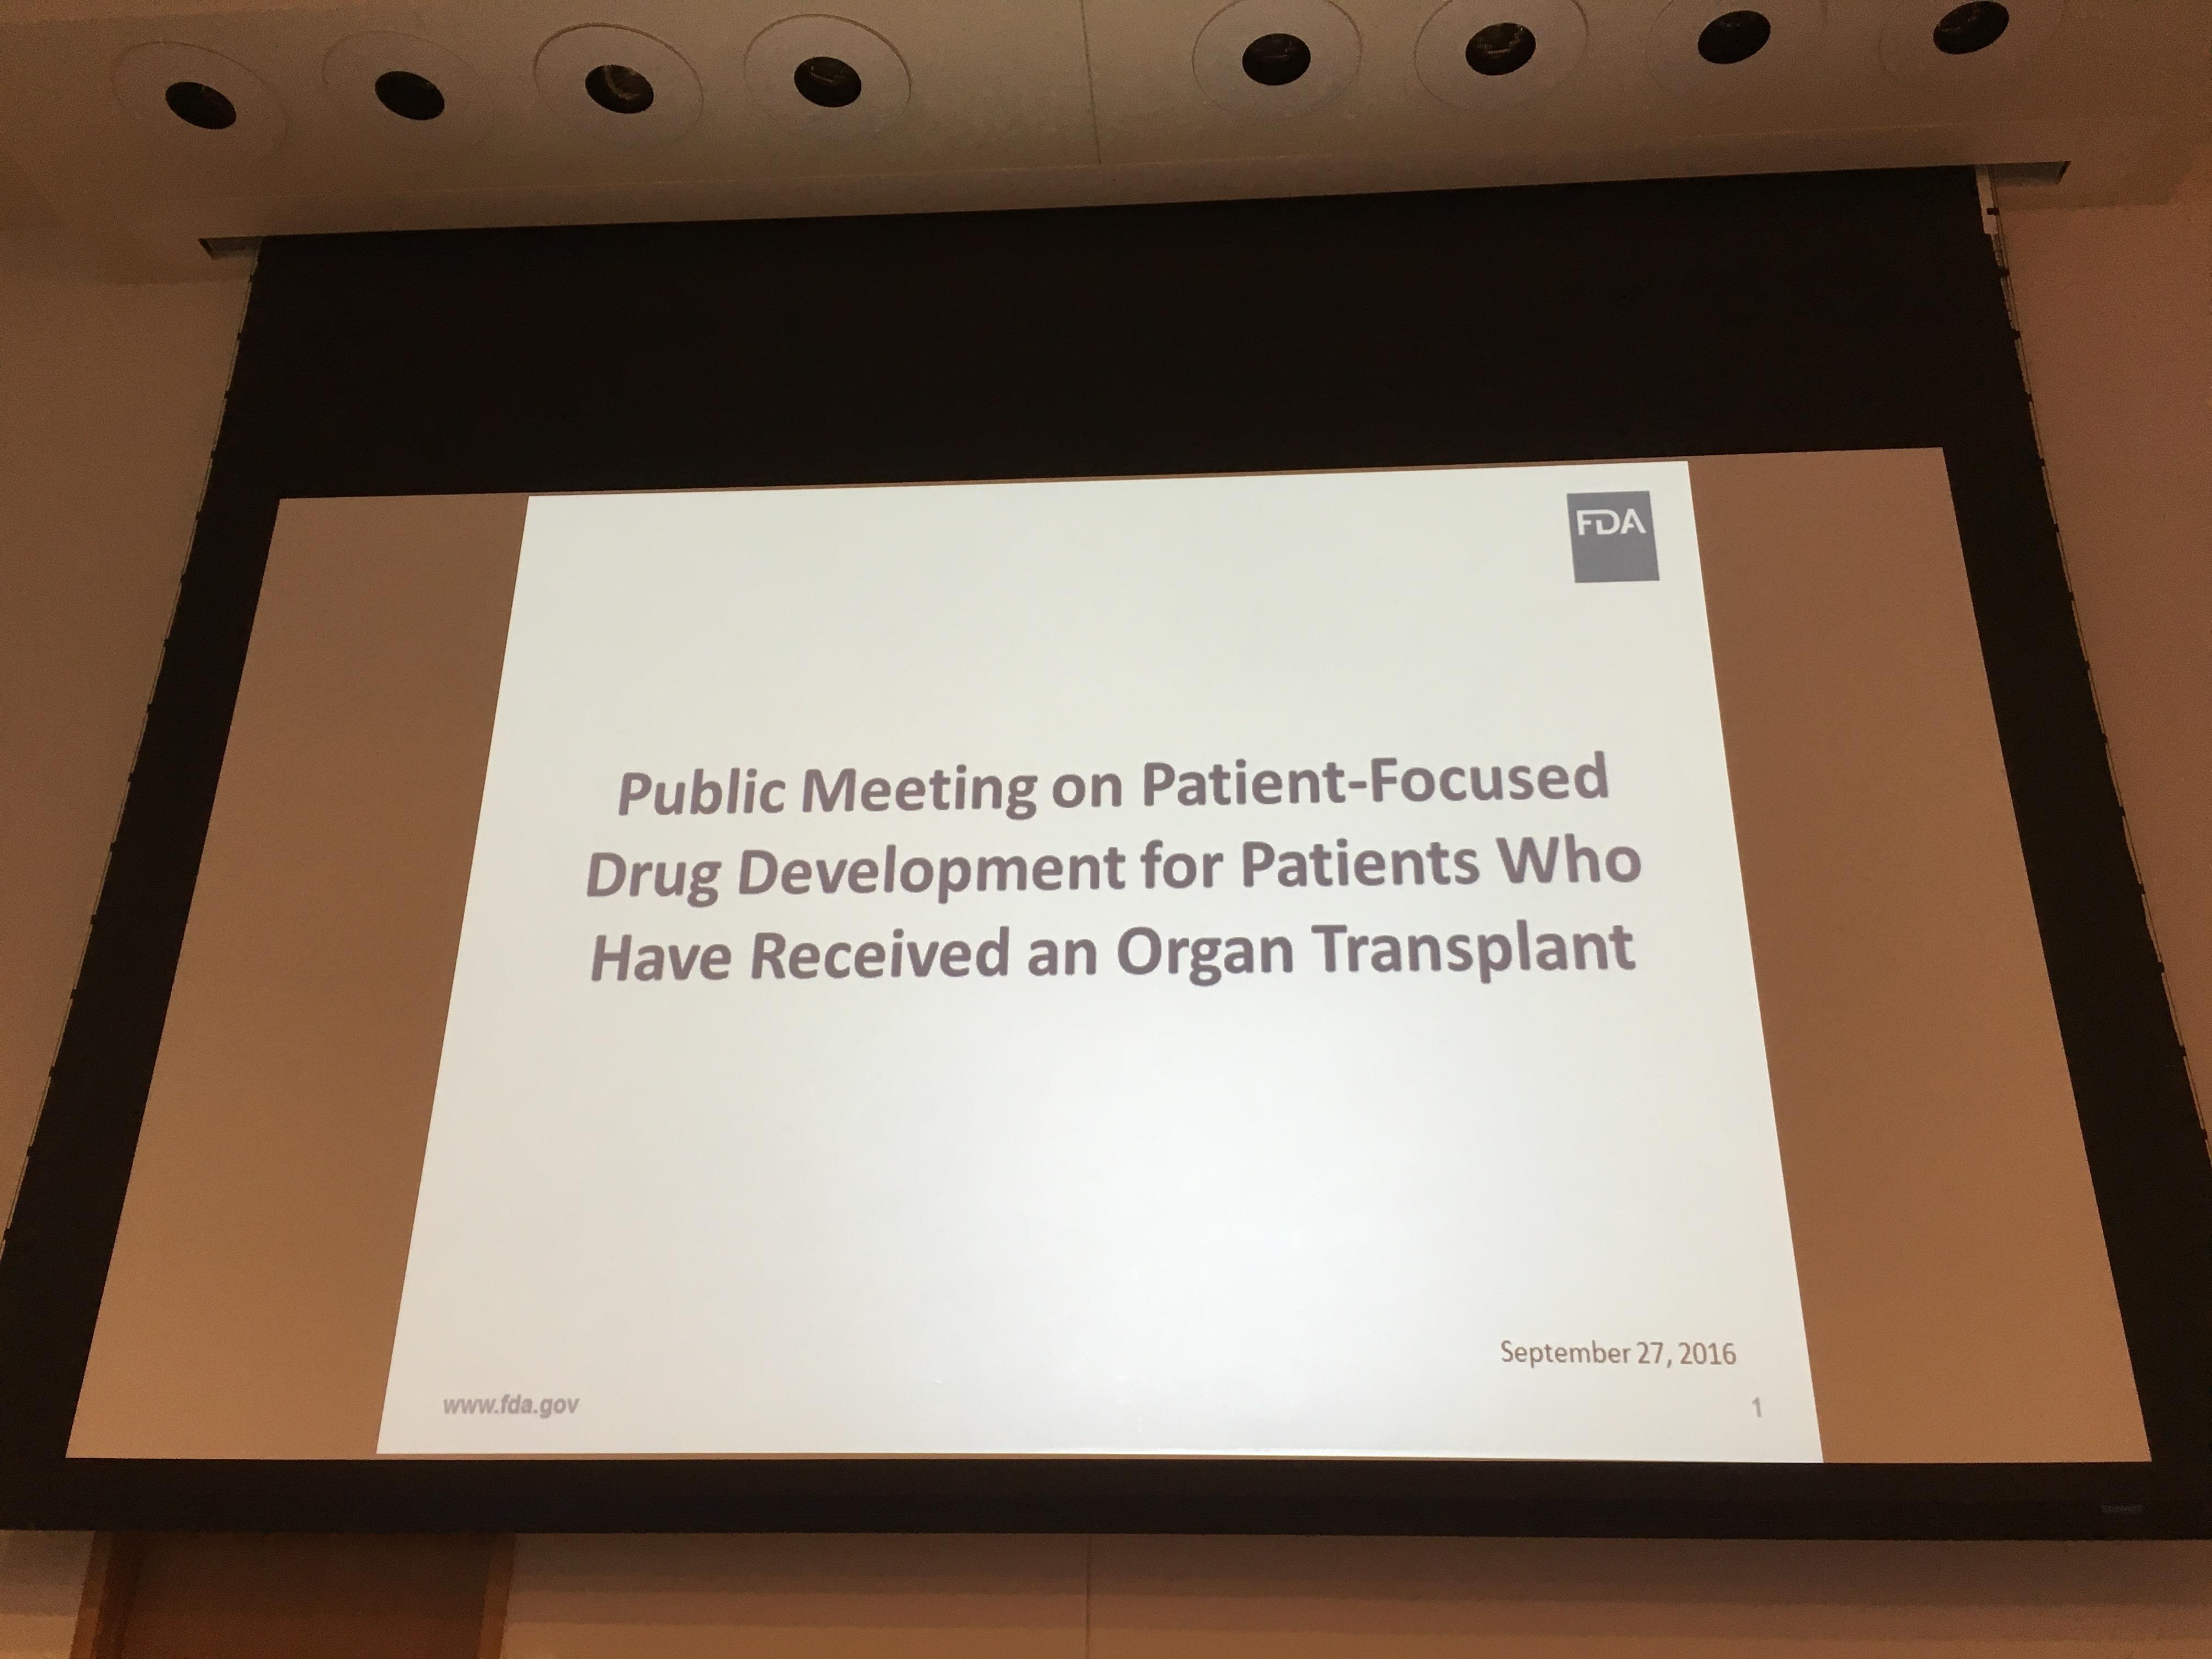 FDA slide